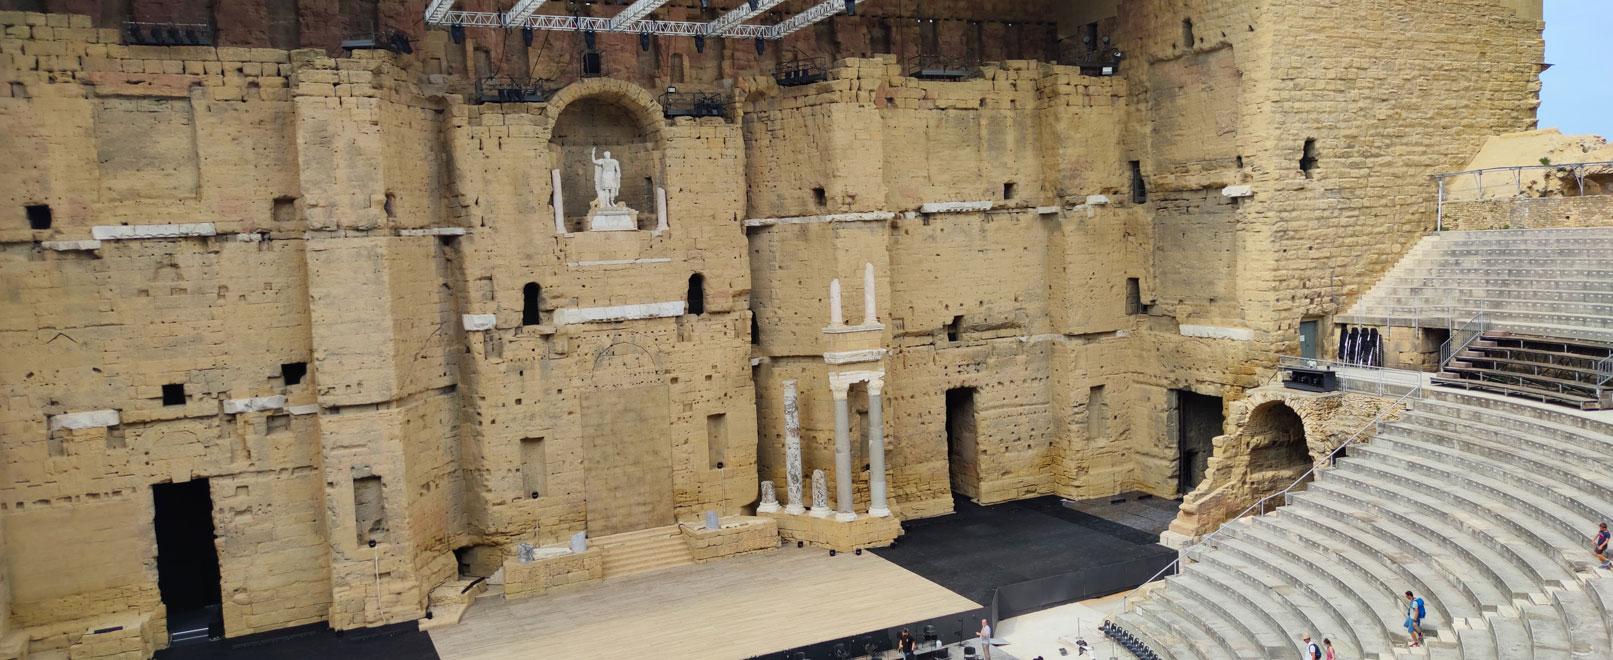 Escape game au théâtre antique d'Orange